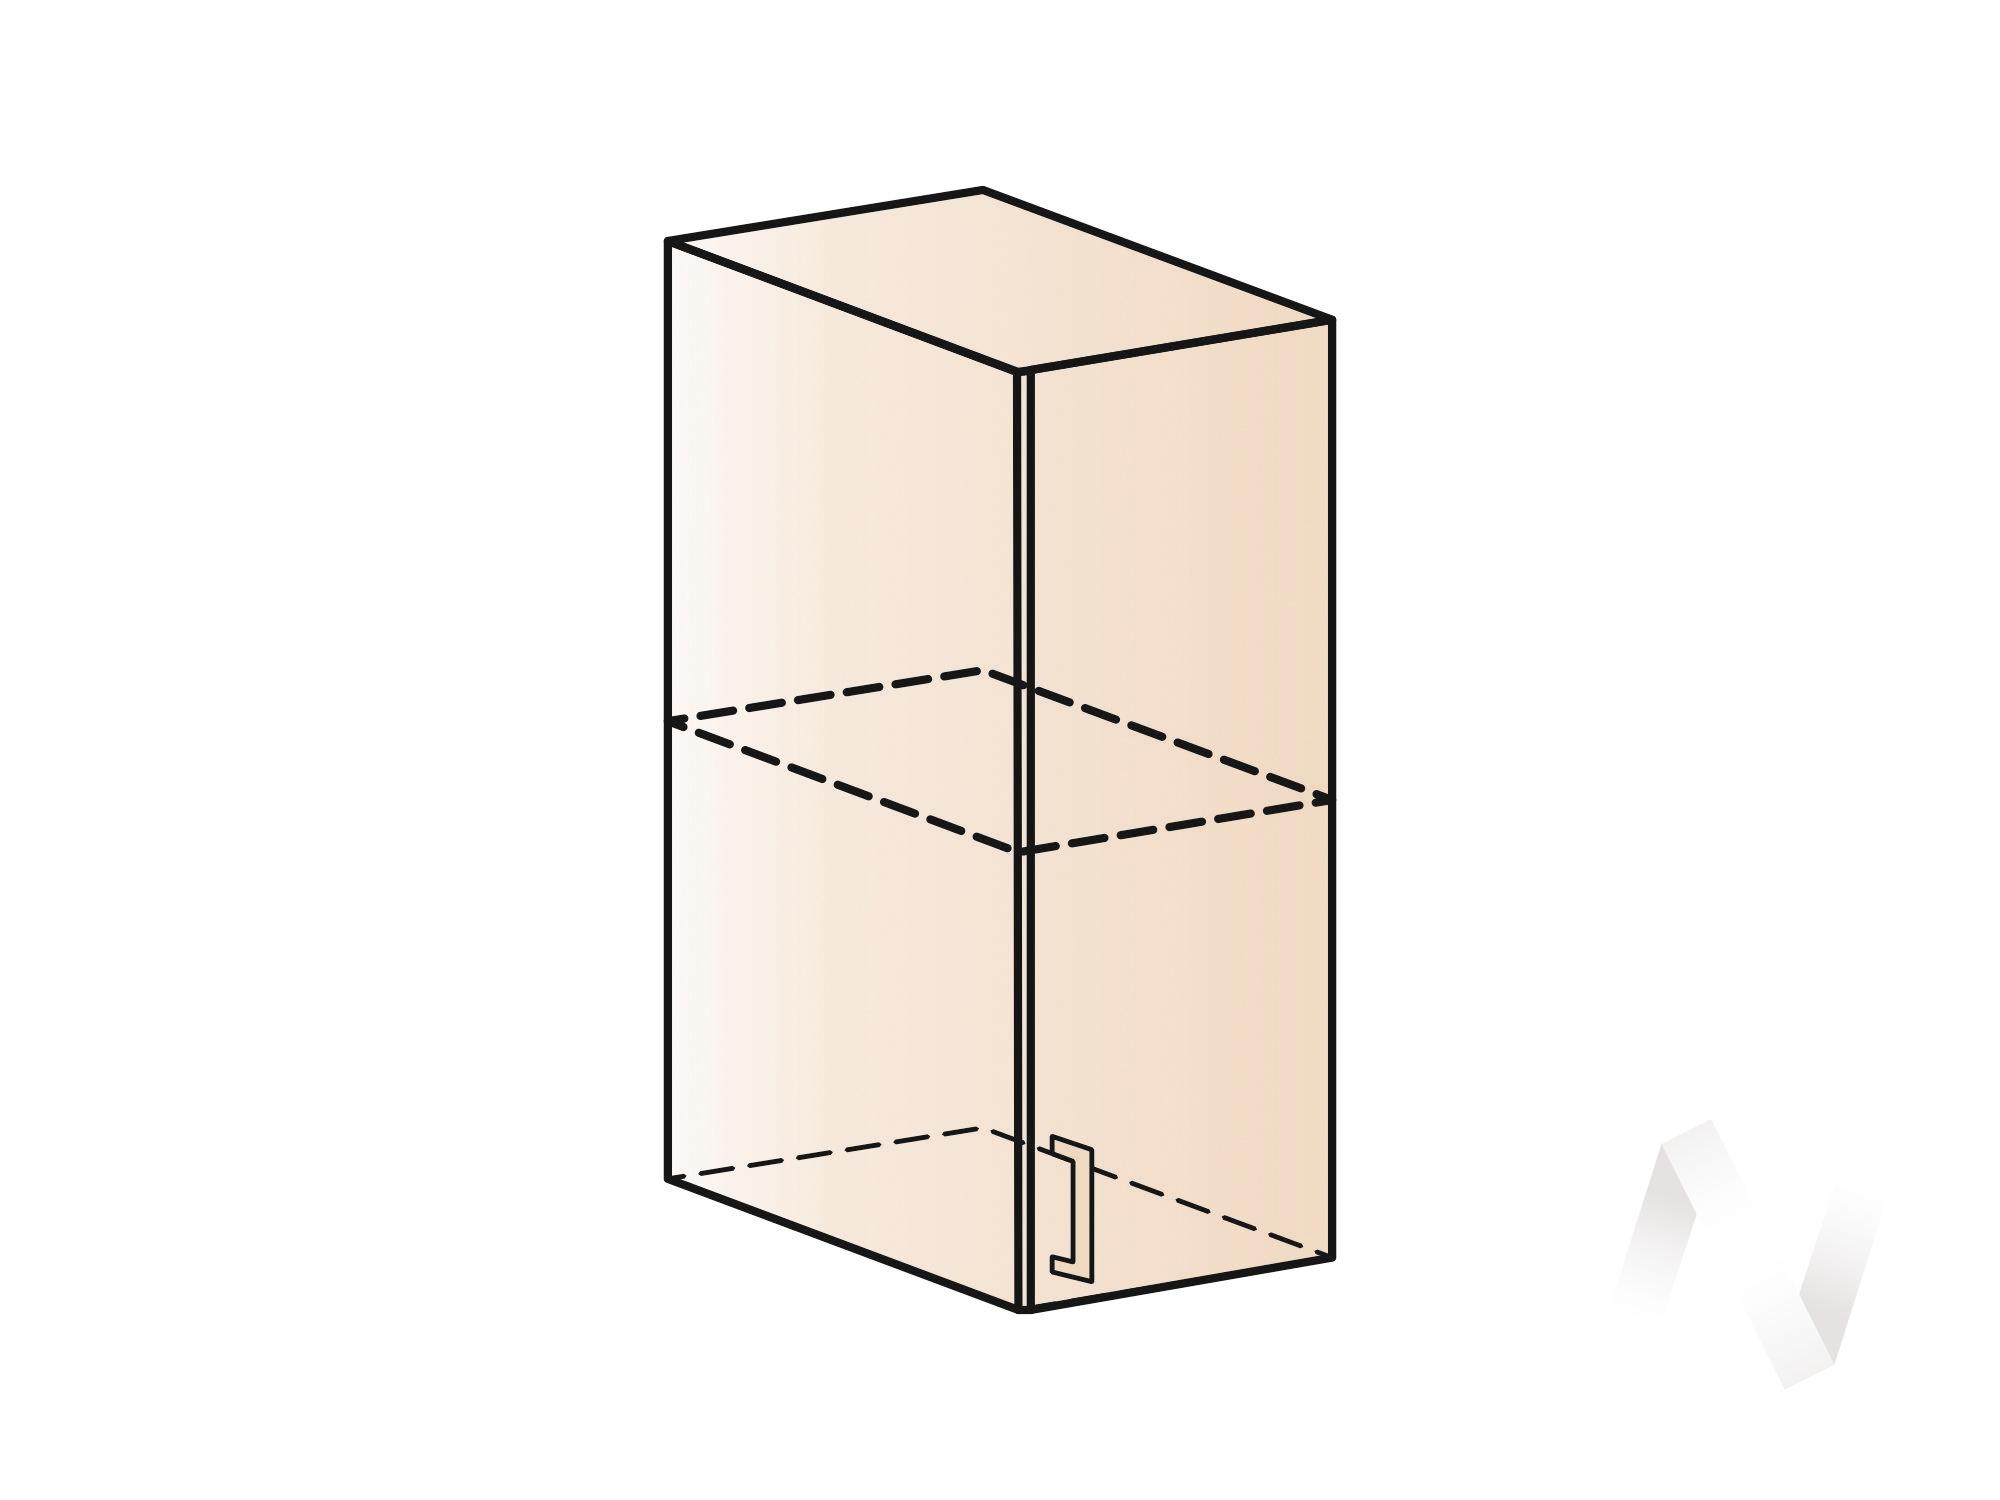 """Кухня """"Люкс"""": Шкаф верхний 300, ШВ 300 (Шоколад матовый/корпус белый)  в Томске — интернет магазин МИРА-мебель"""